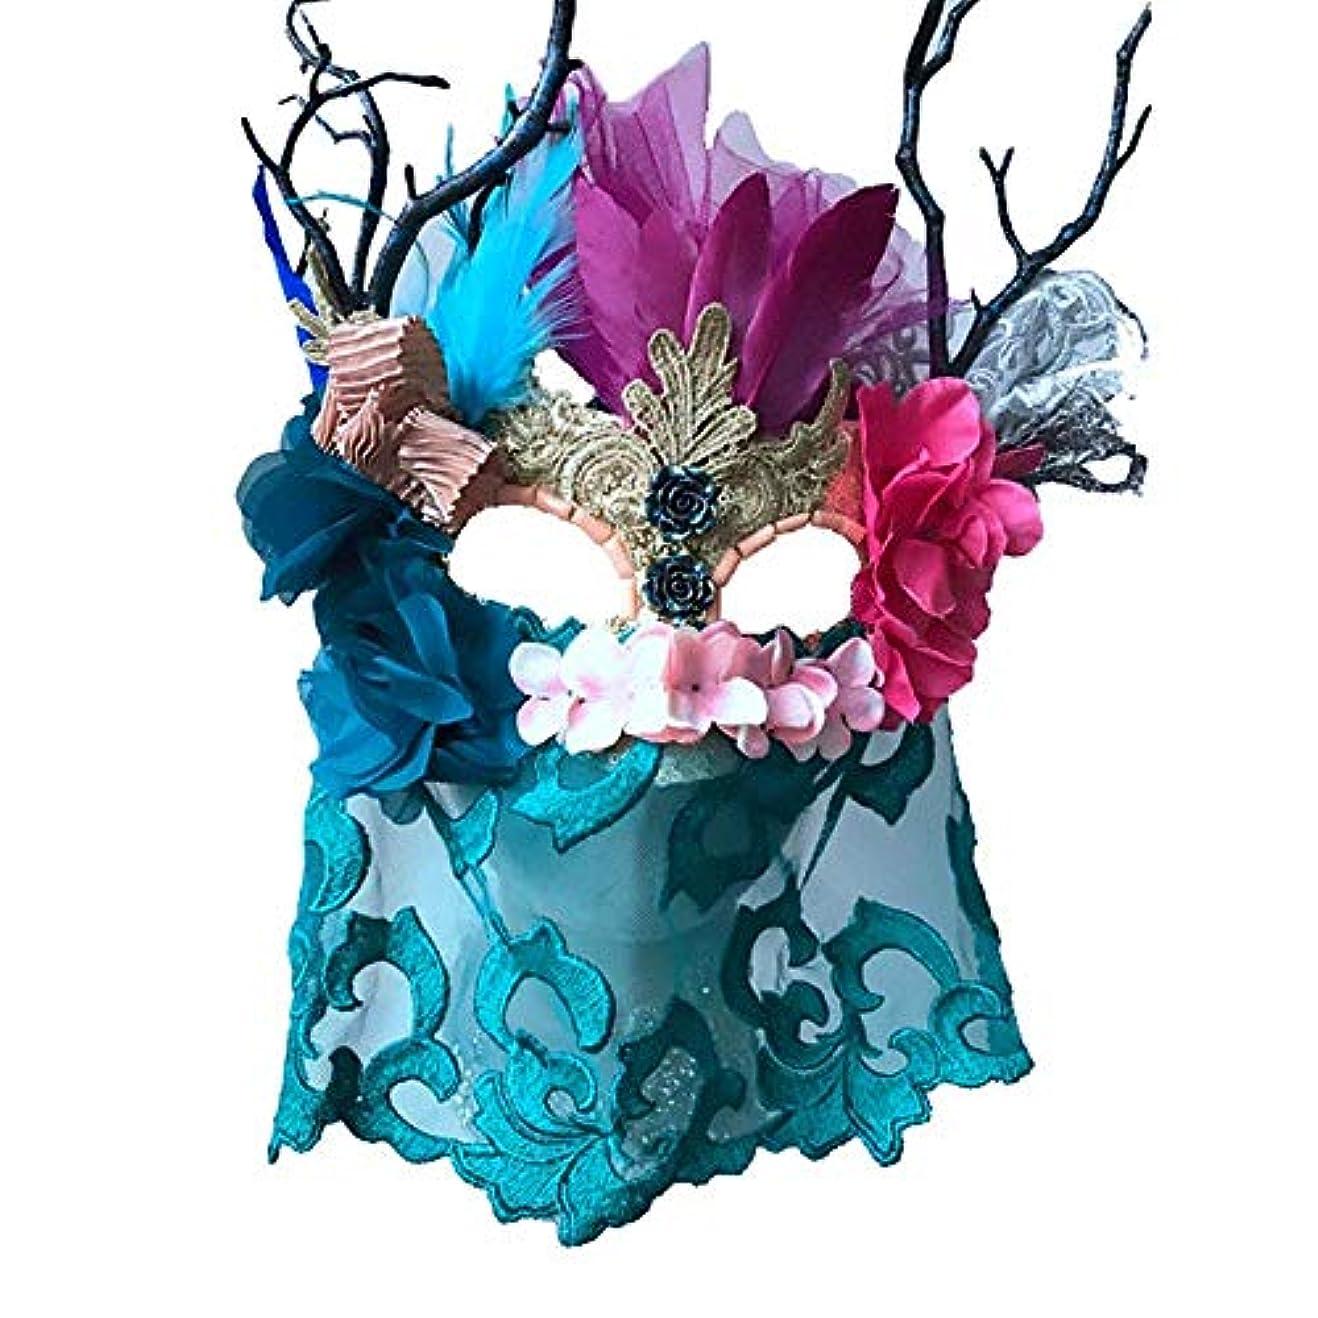 一貫したわずらわしい増強Nanle ハロウィーンのクリスマスフェザーの乾いた枝ベールの花マスク仮装マスクレディミスプリンセス美しさの祭りデコレーションマスク